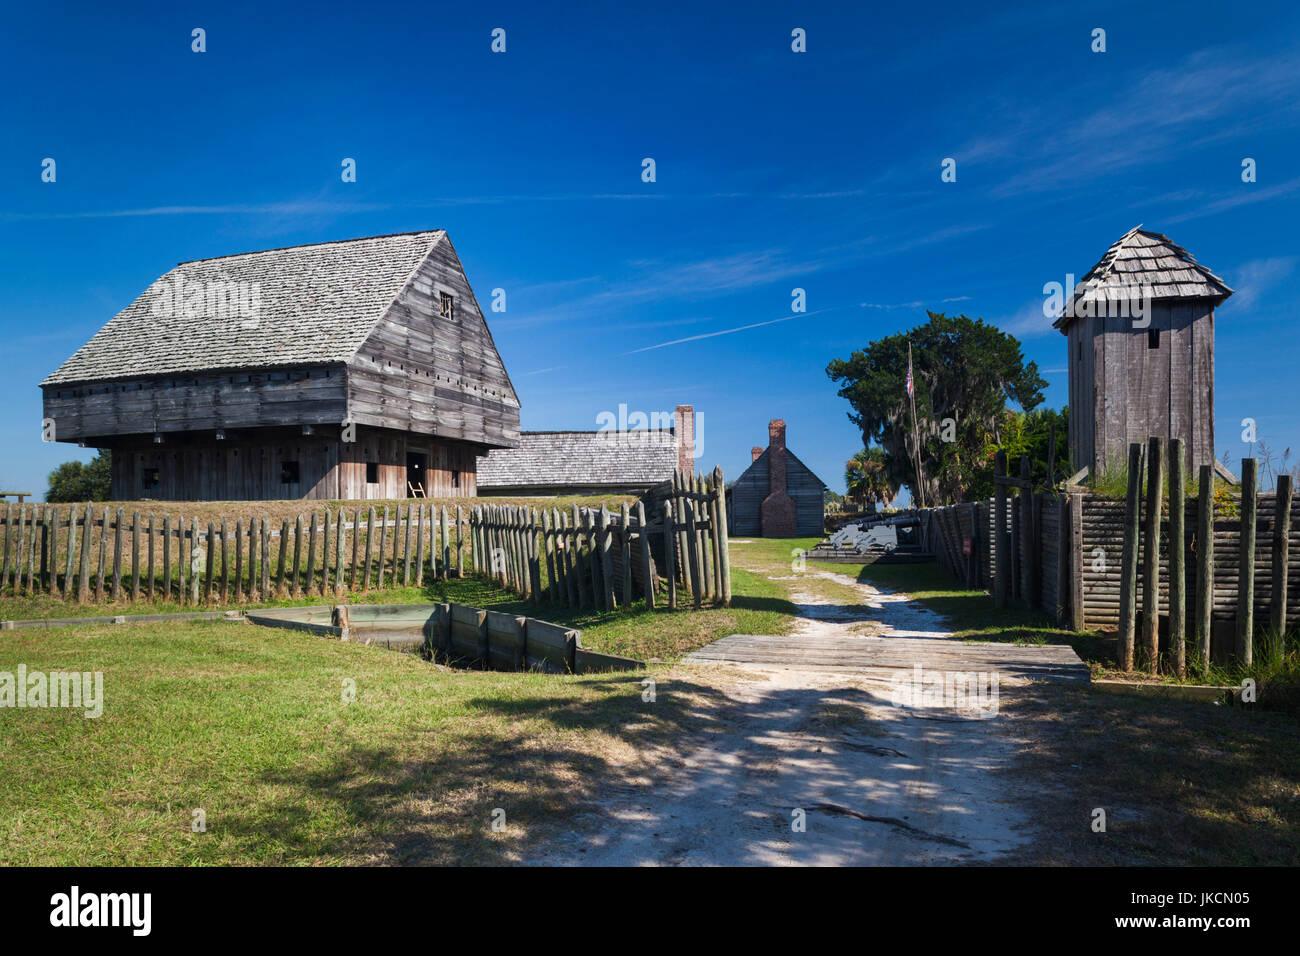 Stati Uniti d'America, Georgia, Darien, Fort King George sito storico dello Stato, primo insediamento inglese Immagini Stock